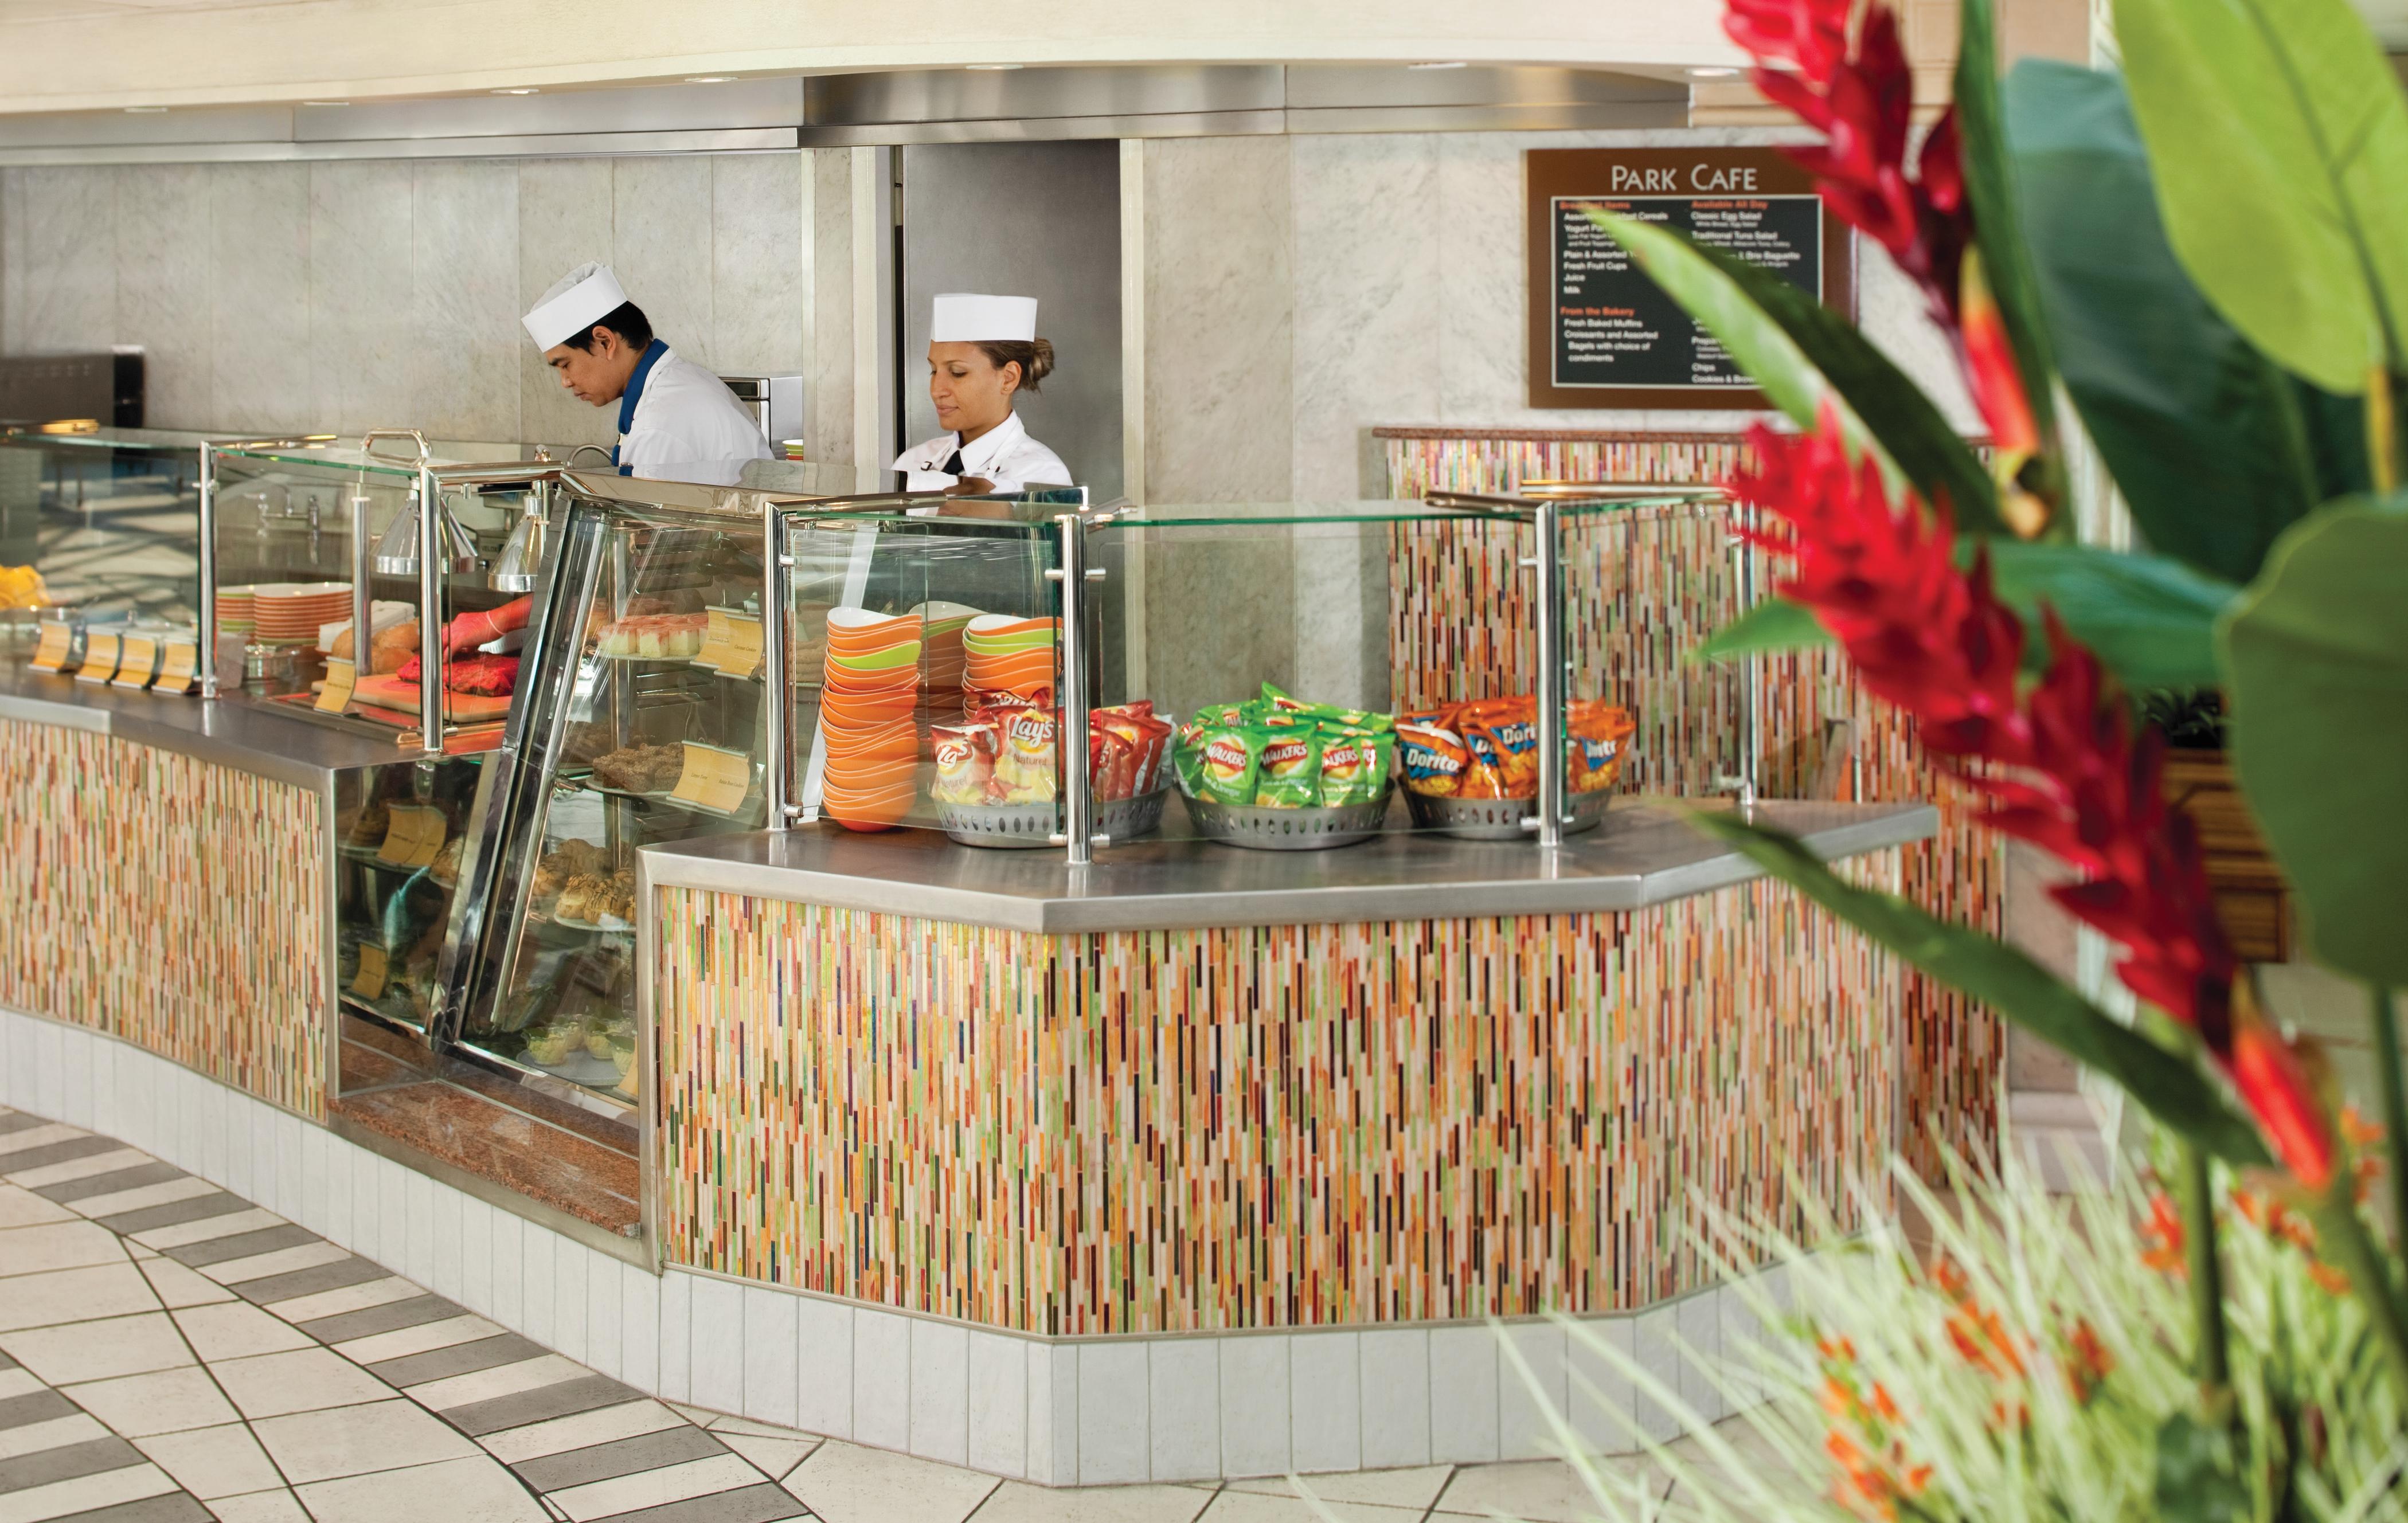 RCI Park cafe 2.jpg